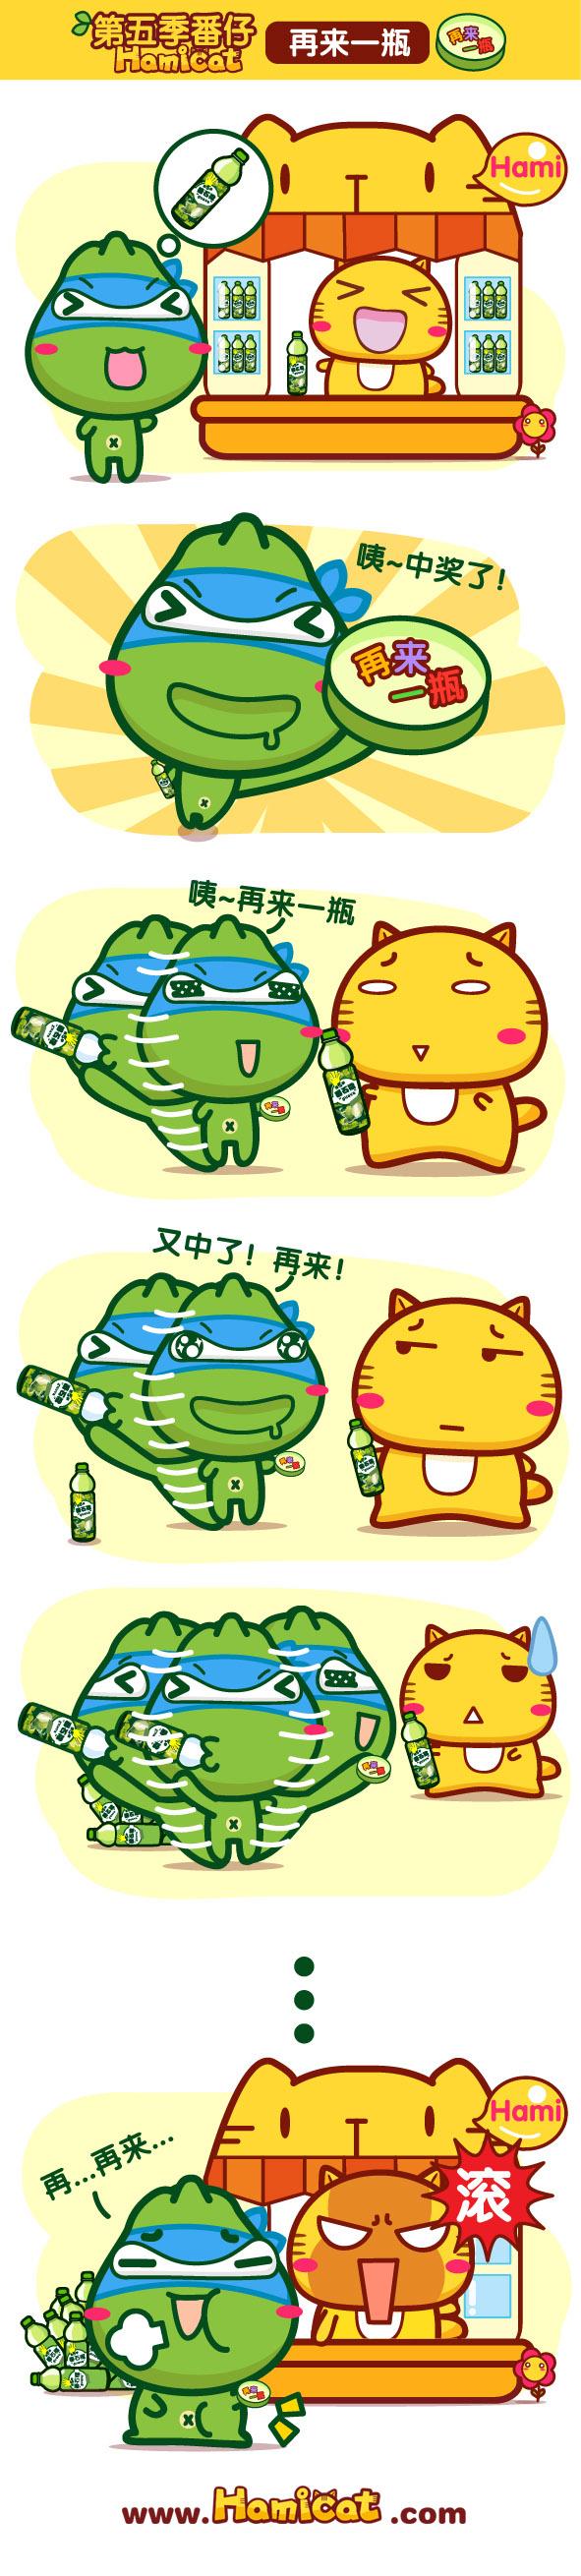 健力宝x哈咪猫漫画3月-01.jpg